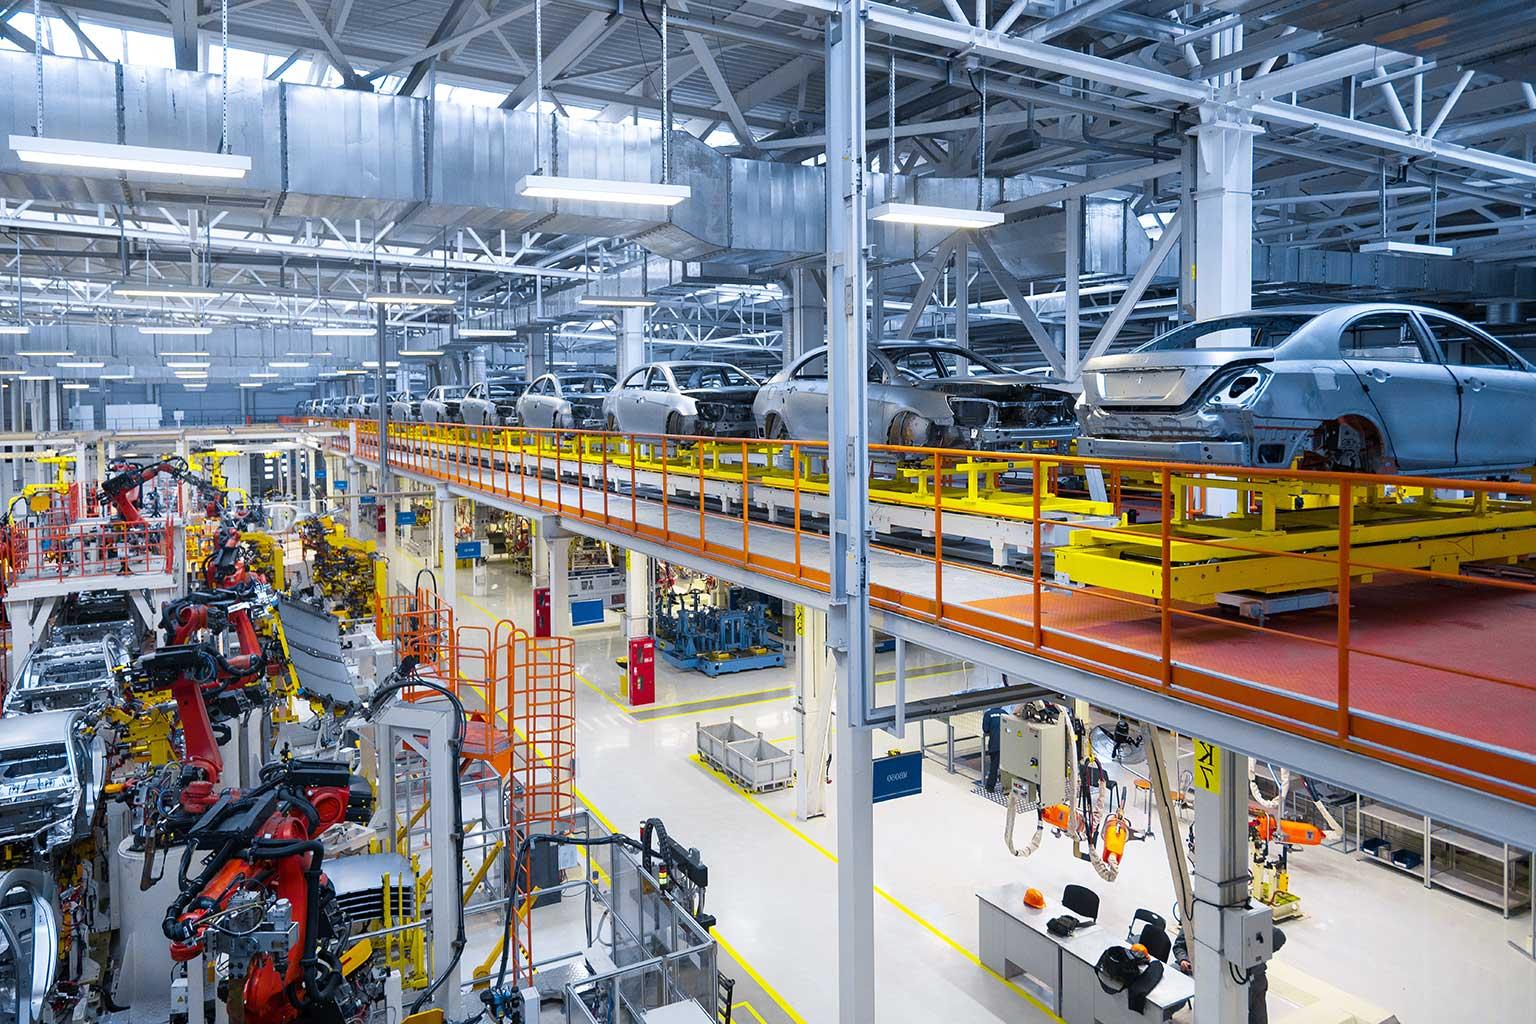 linea di produzione automatizzata di automobili su 2 piani